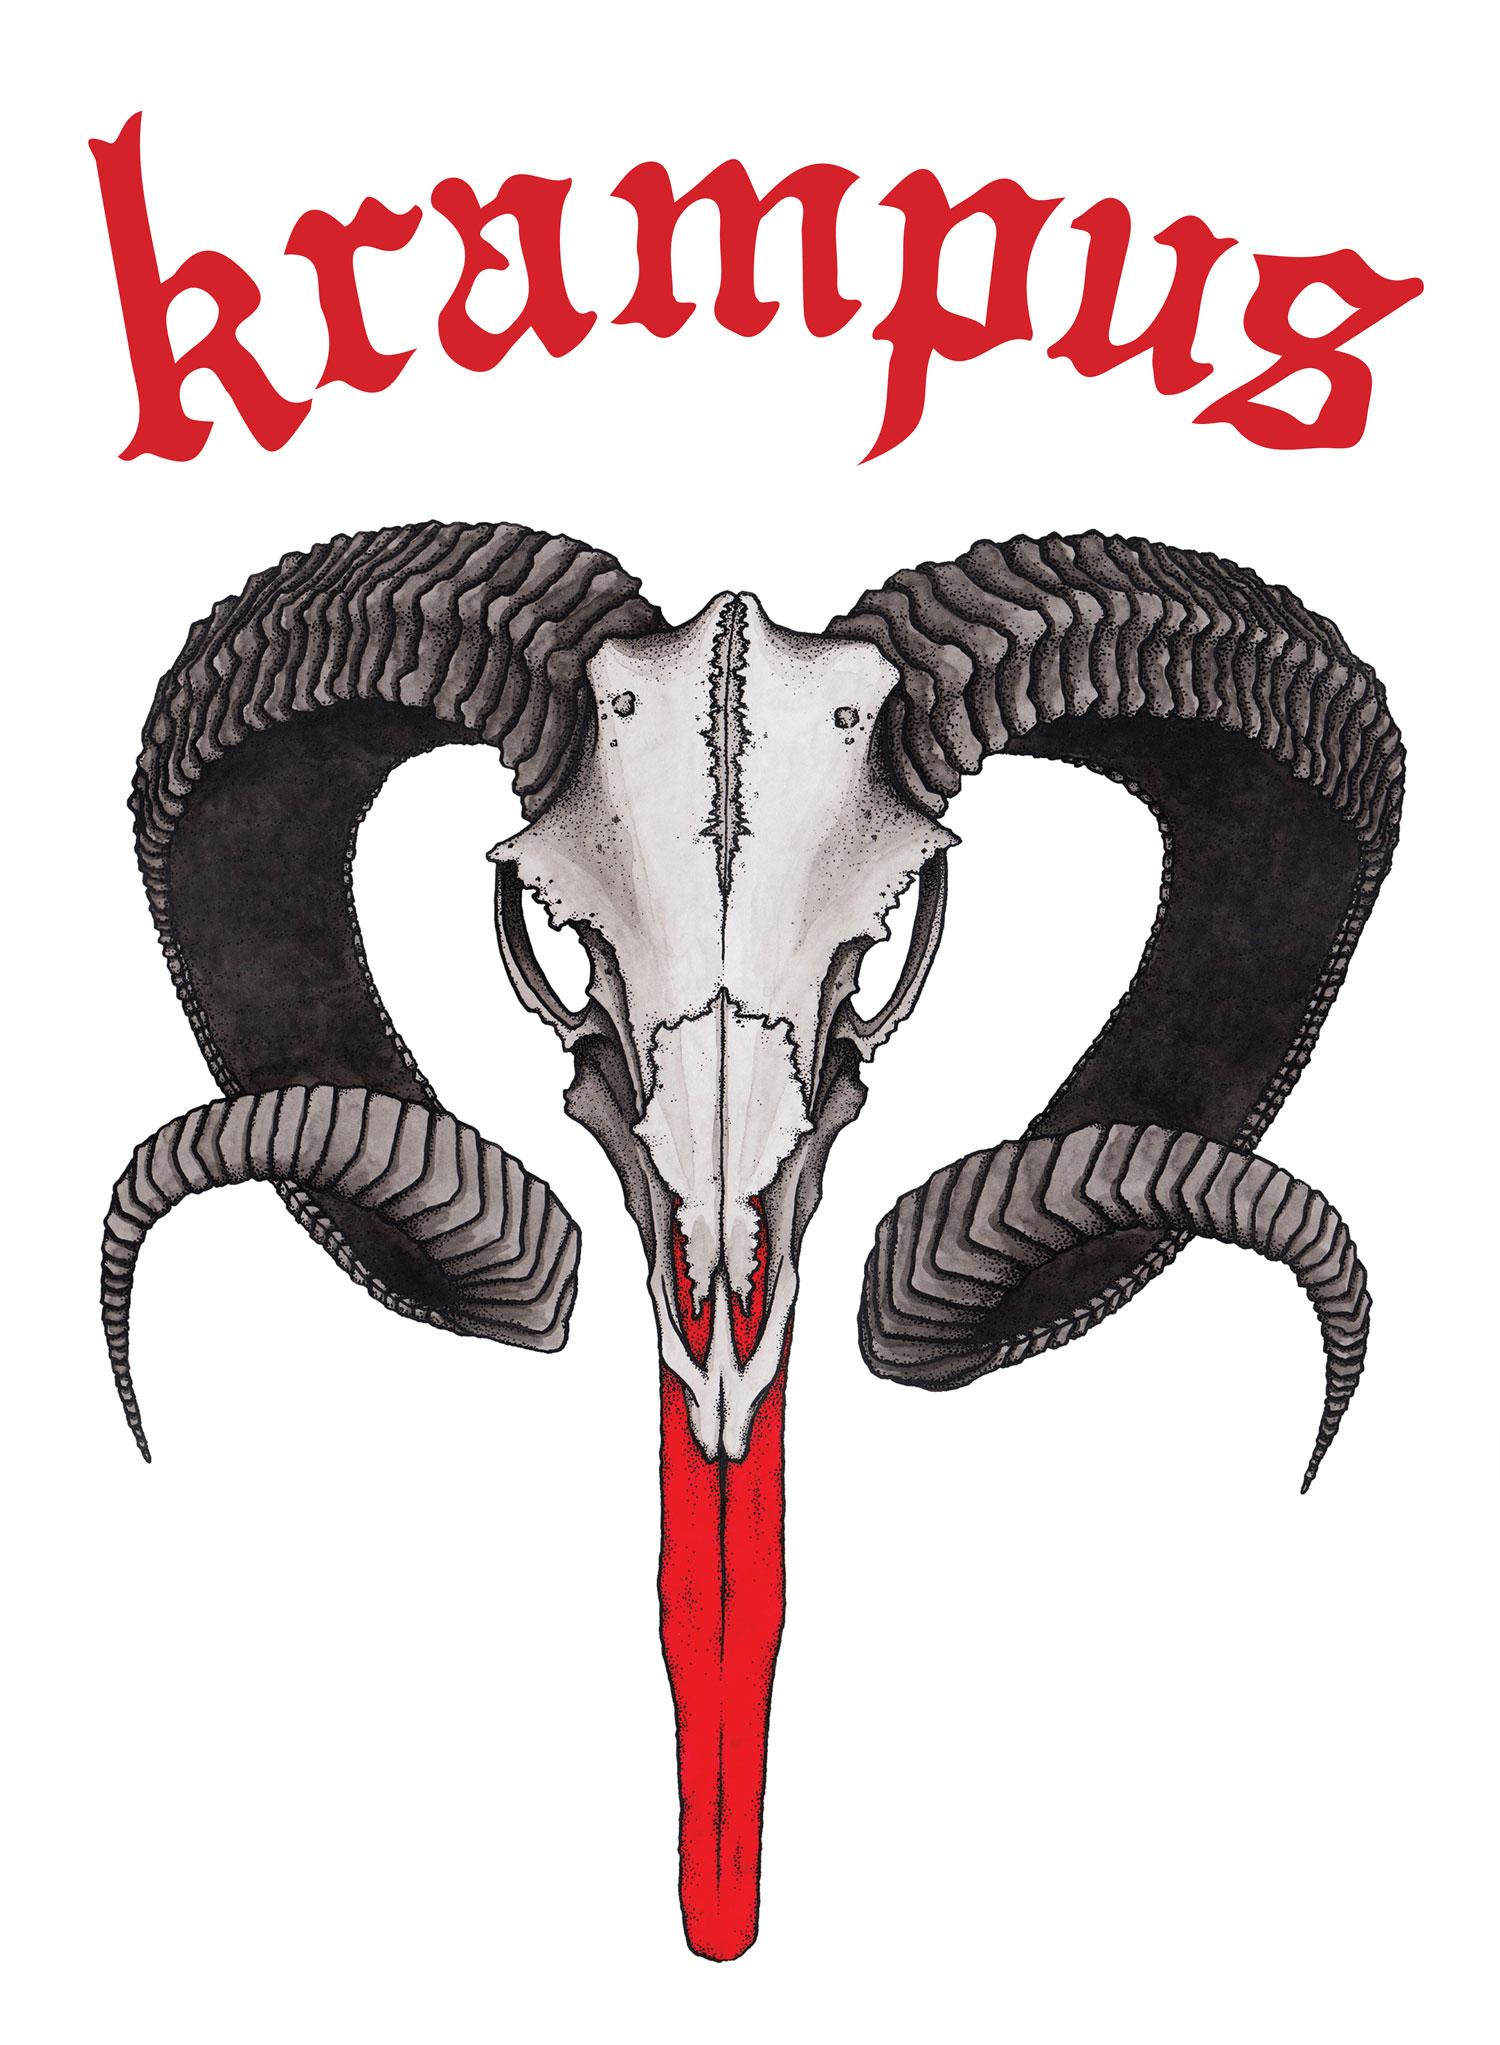 krampus-ram-skull-tongue-horns-krampusnacht-illustration-matthew-woods.jpg